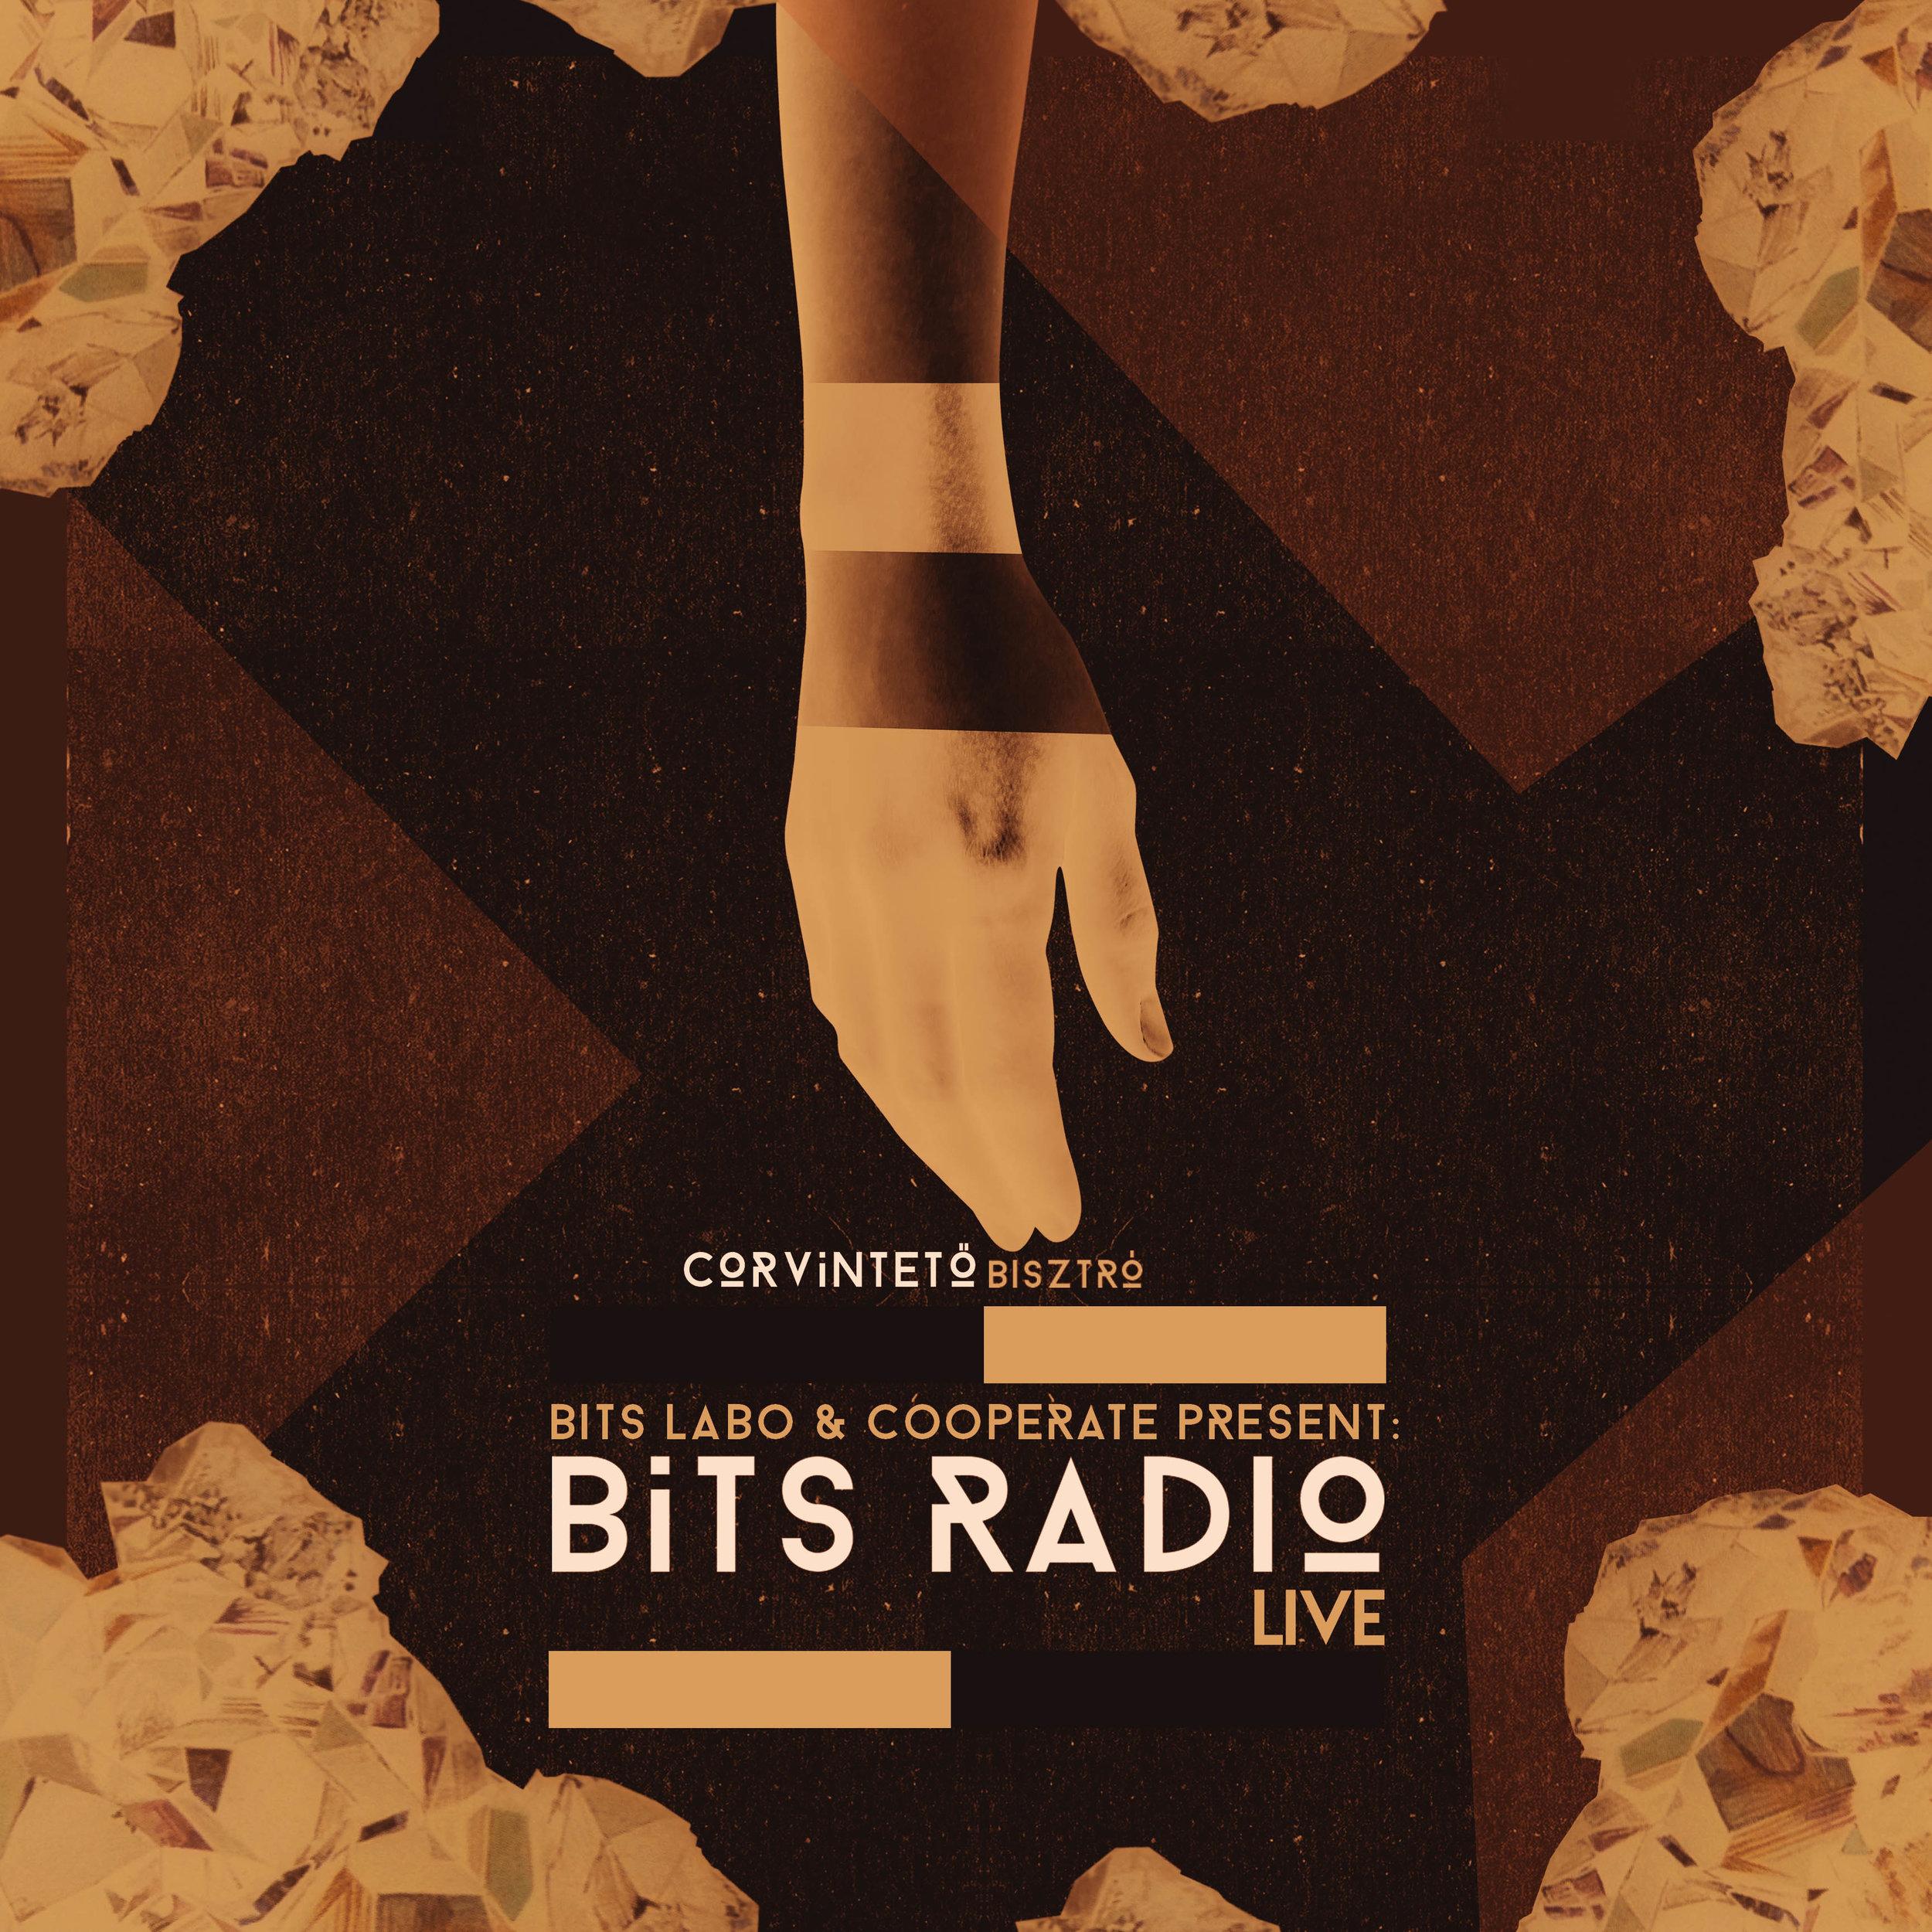 BiTS_radio_LiVE_4_v2.jpg